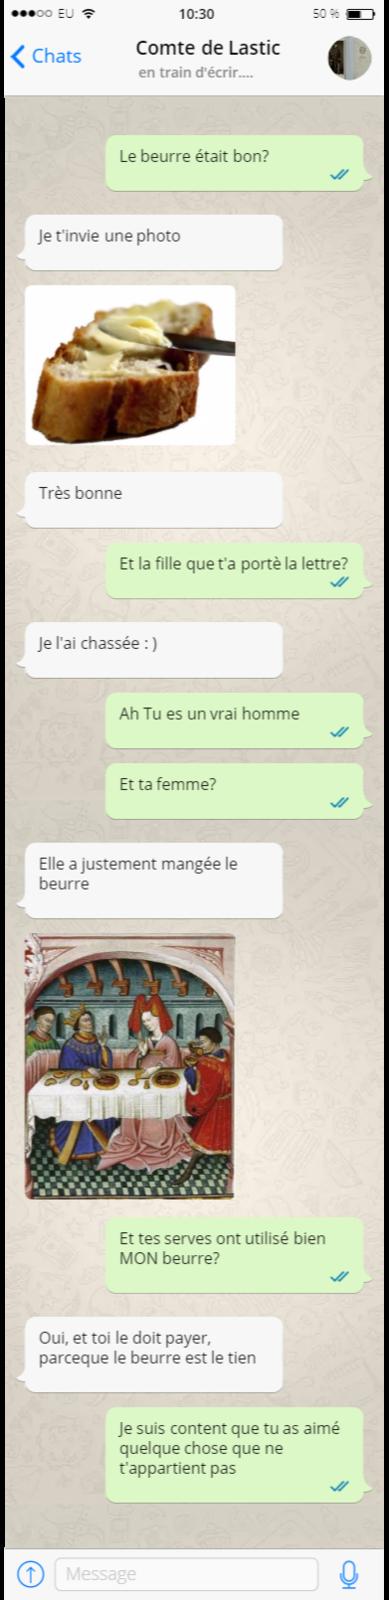 Conversation entre le comte de Lastic et Rousseau